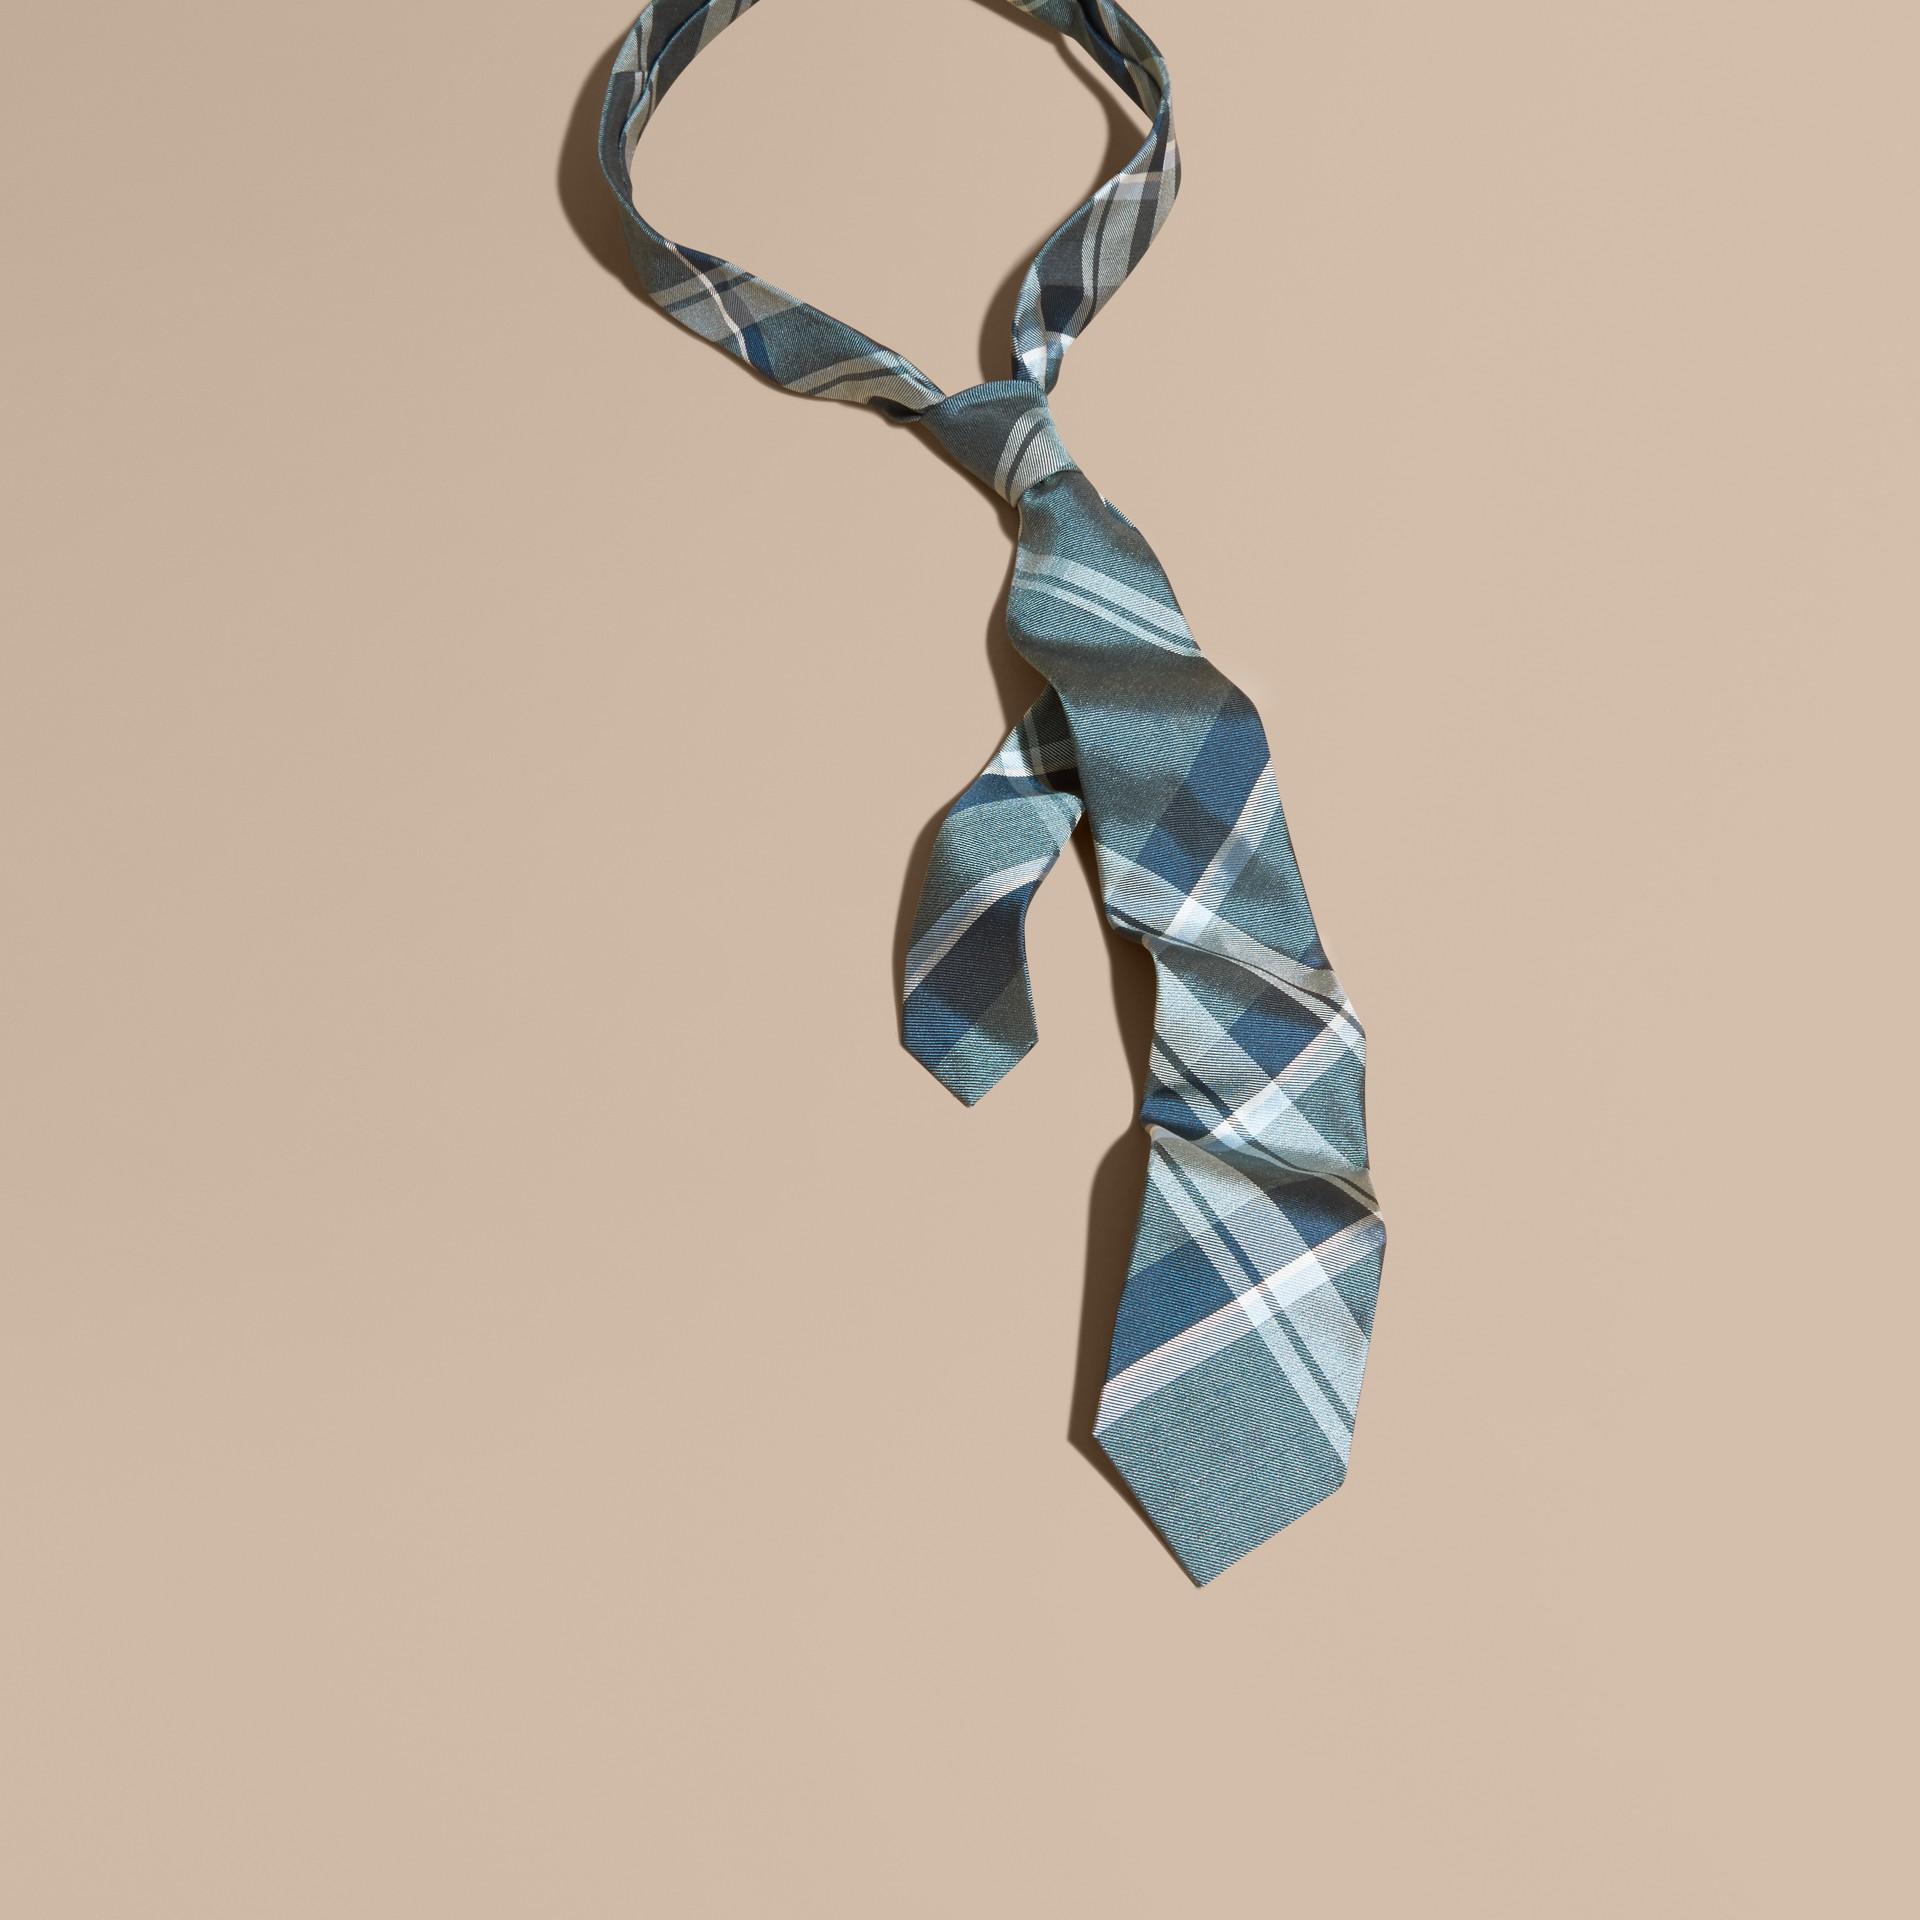 Pale celadon Modern Cut Check Jacquard Silk Tie Pale Celadon - gallery image 1